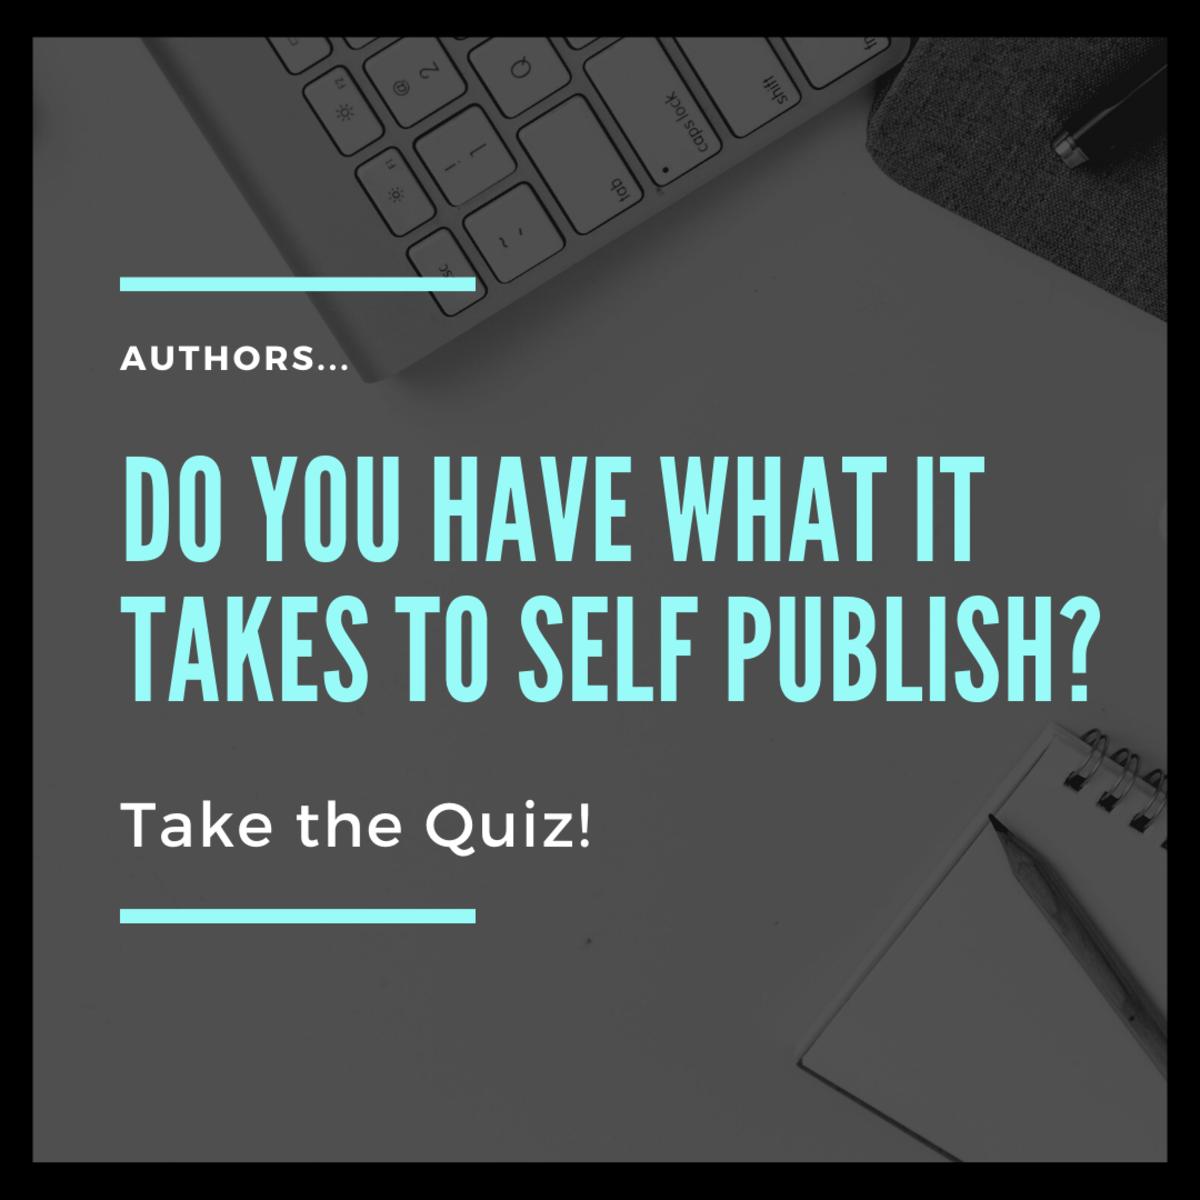 Take the self publishing quiz!